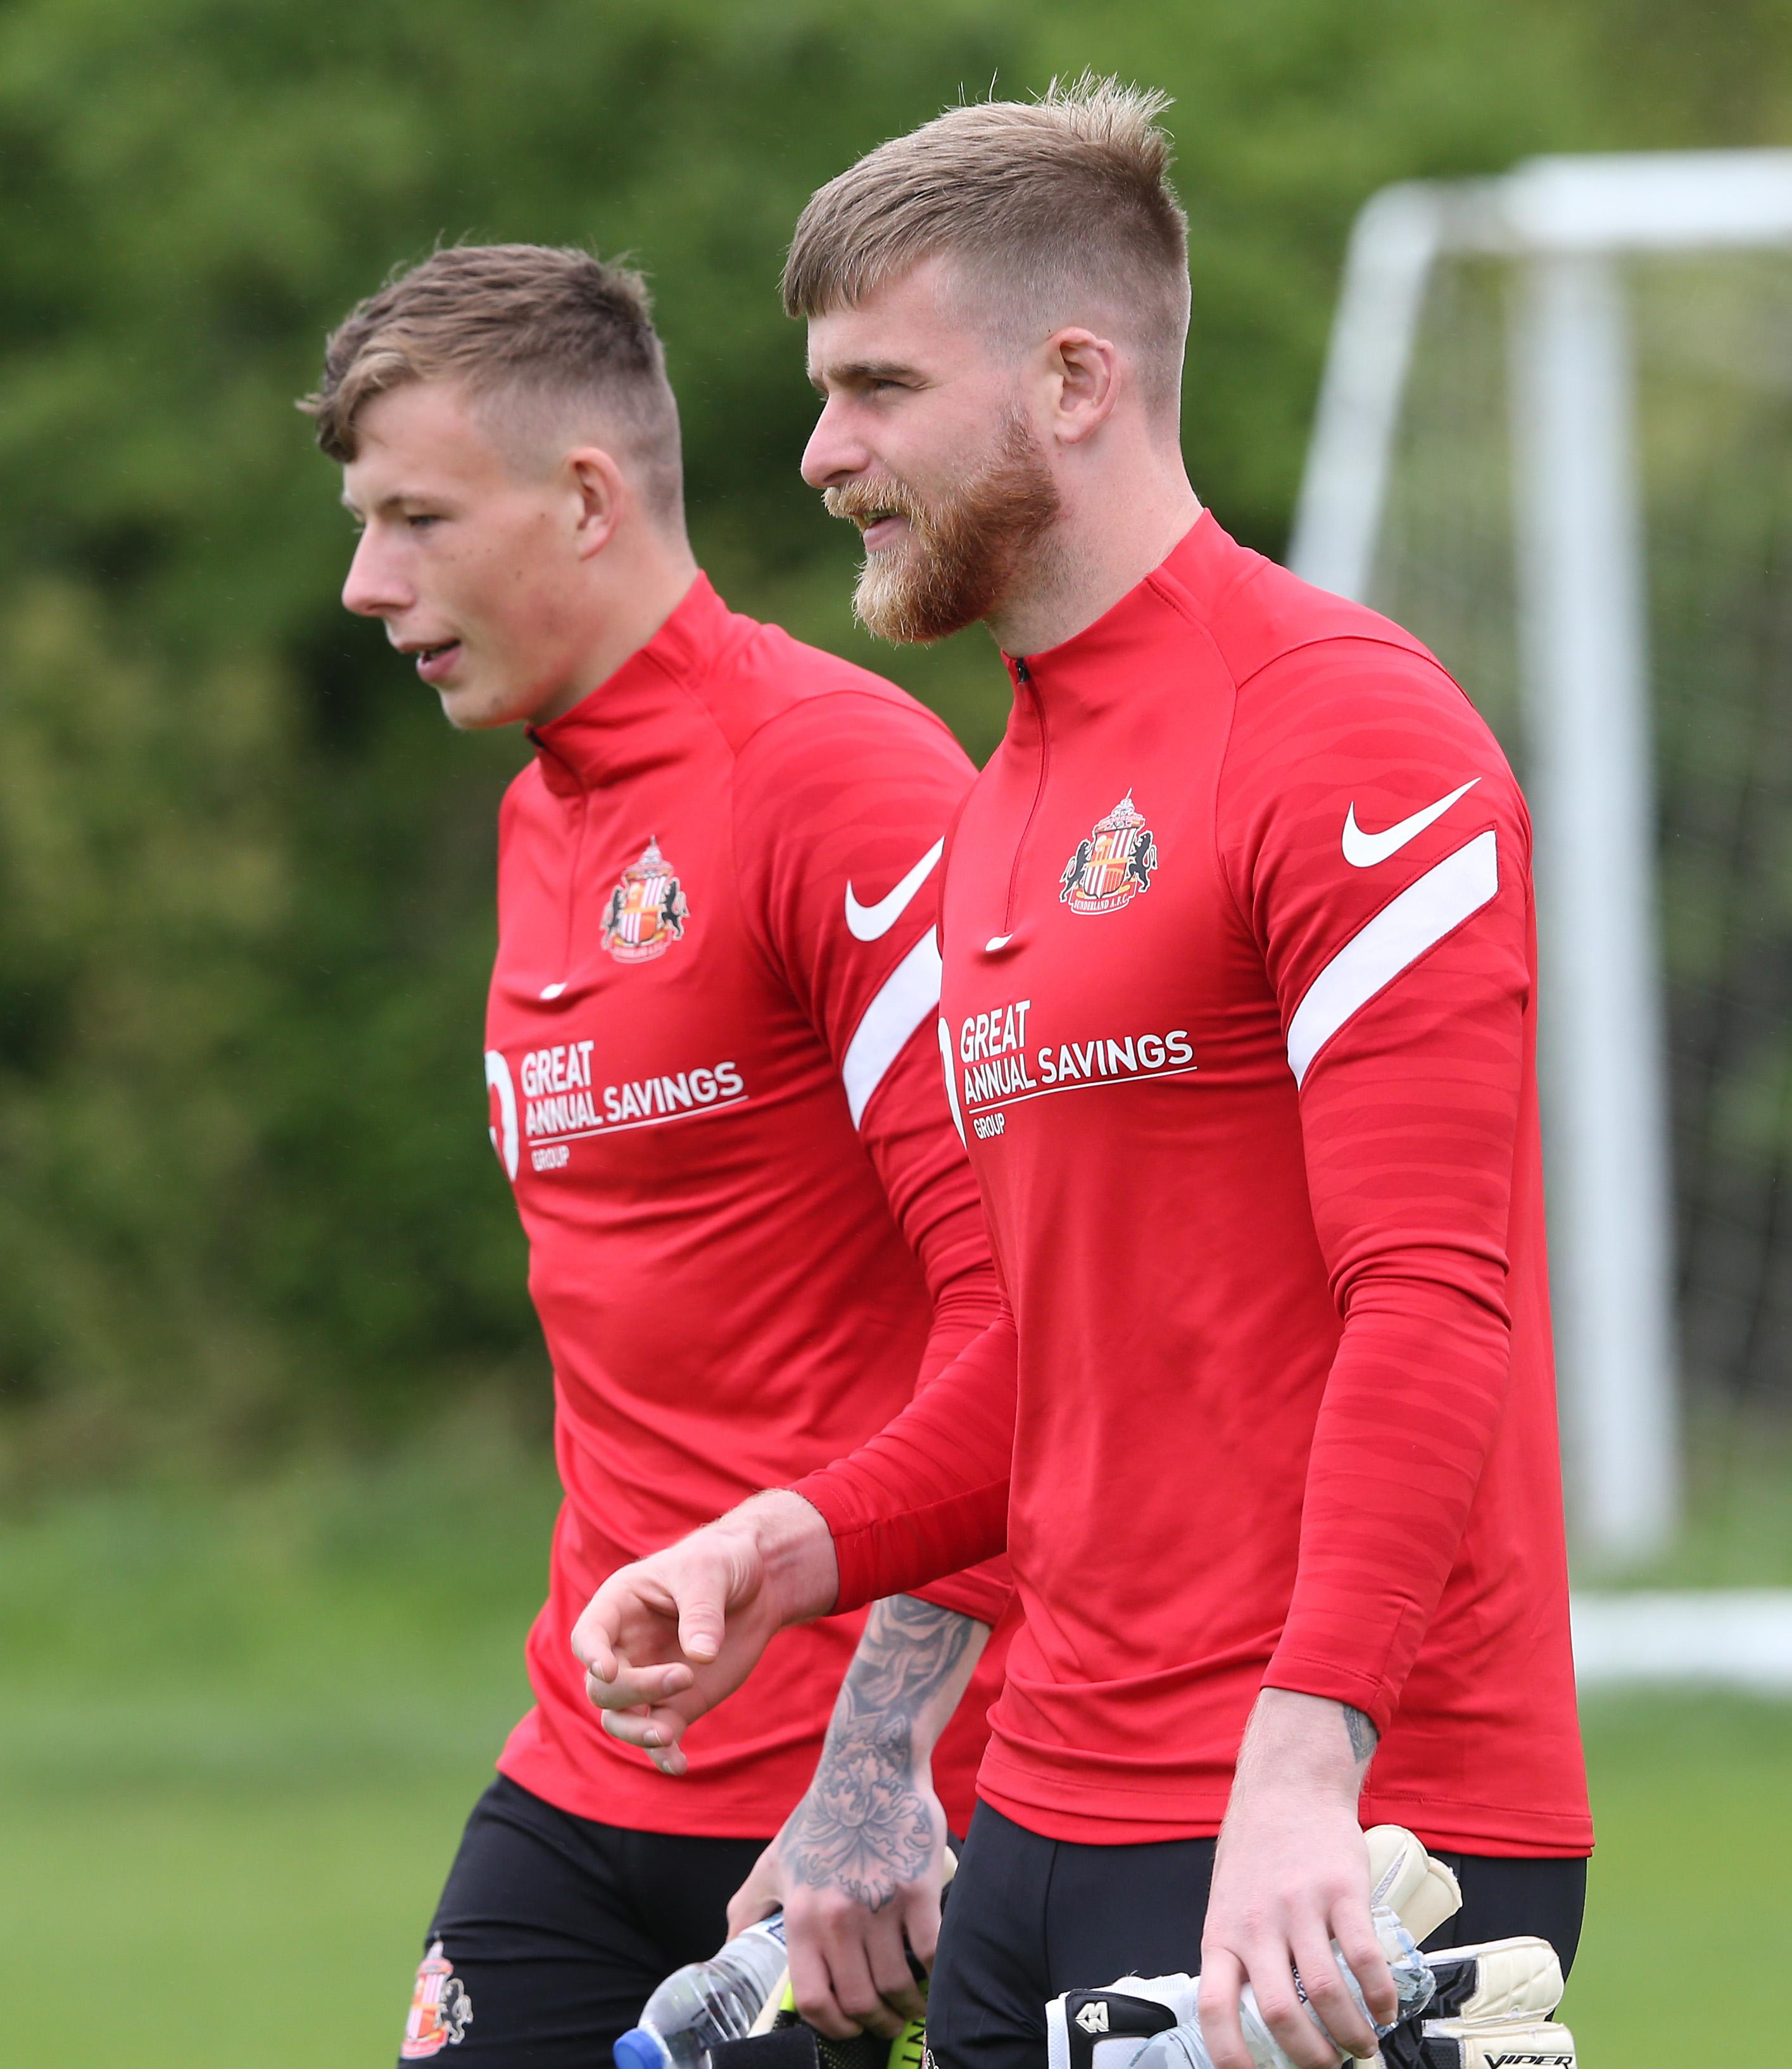 Sunderland Training Session